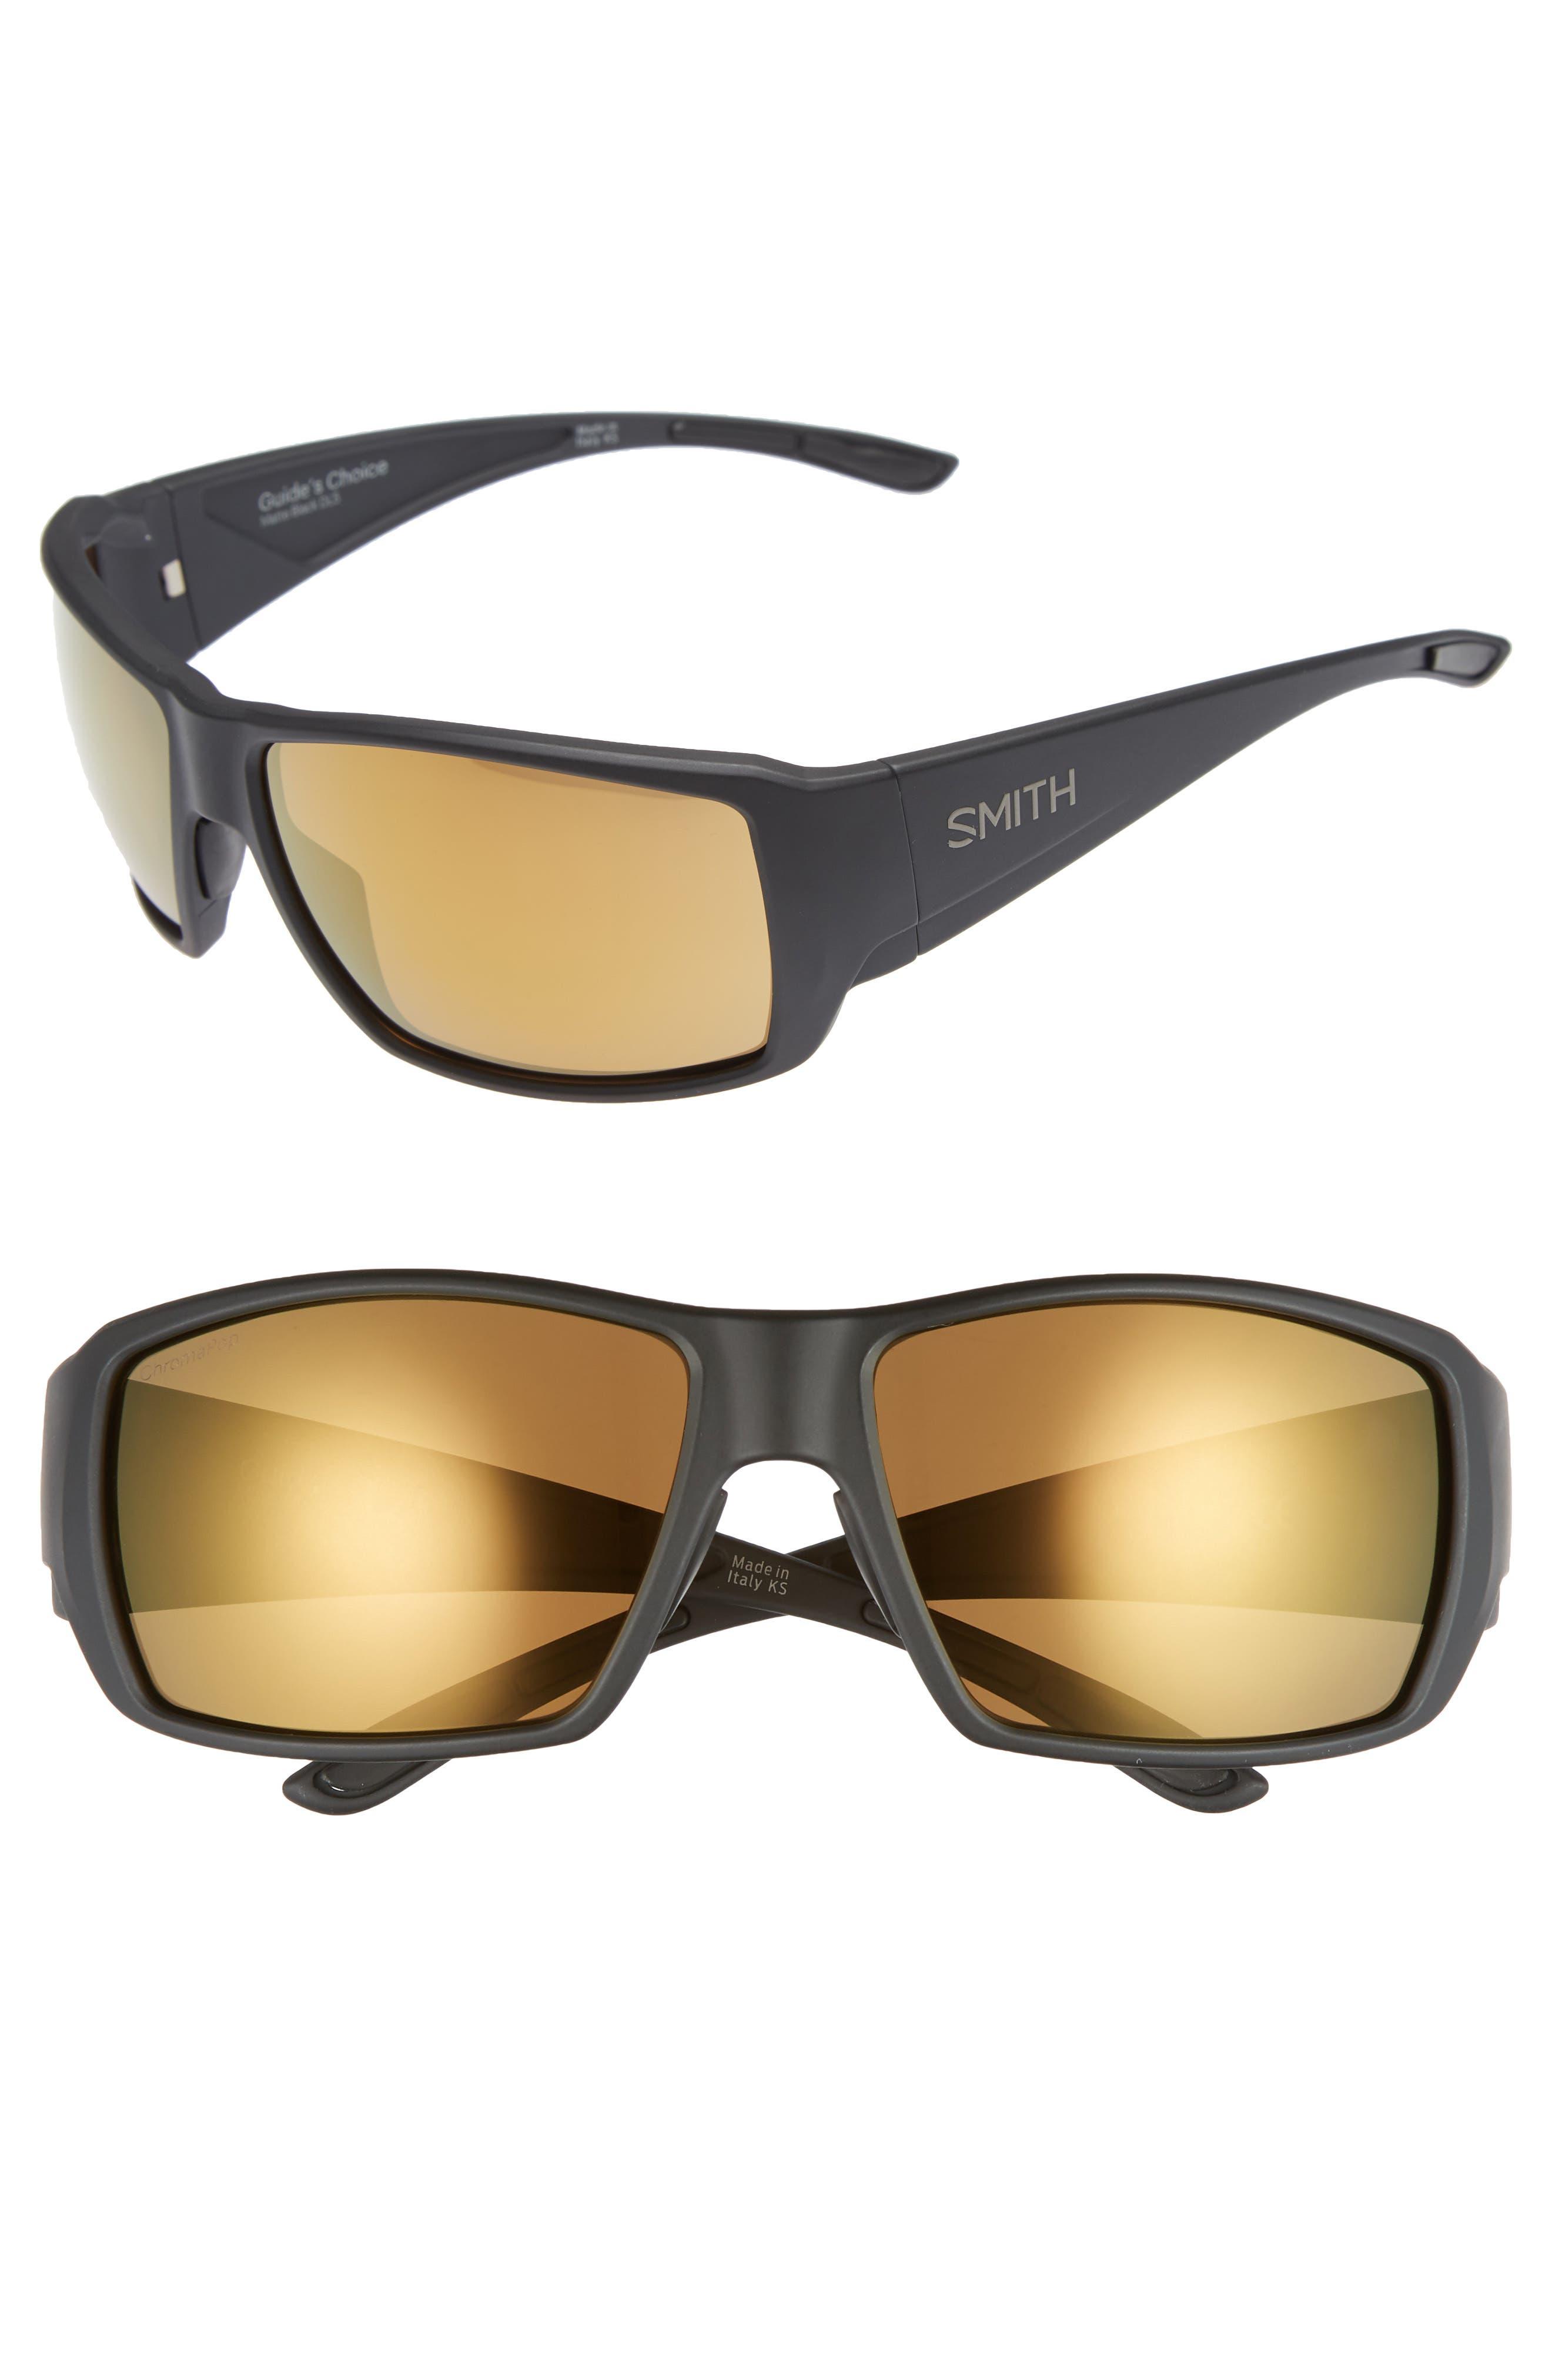 Guide's Choice 62mm ChromaPop<sup>™</sup> Sport Sunglasses,                         Main,                         color, MATTE BLACK/ BRONZE MIRROR